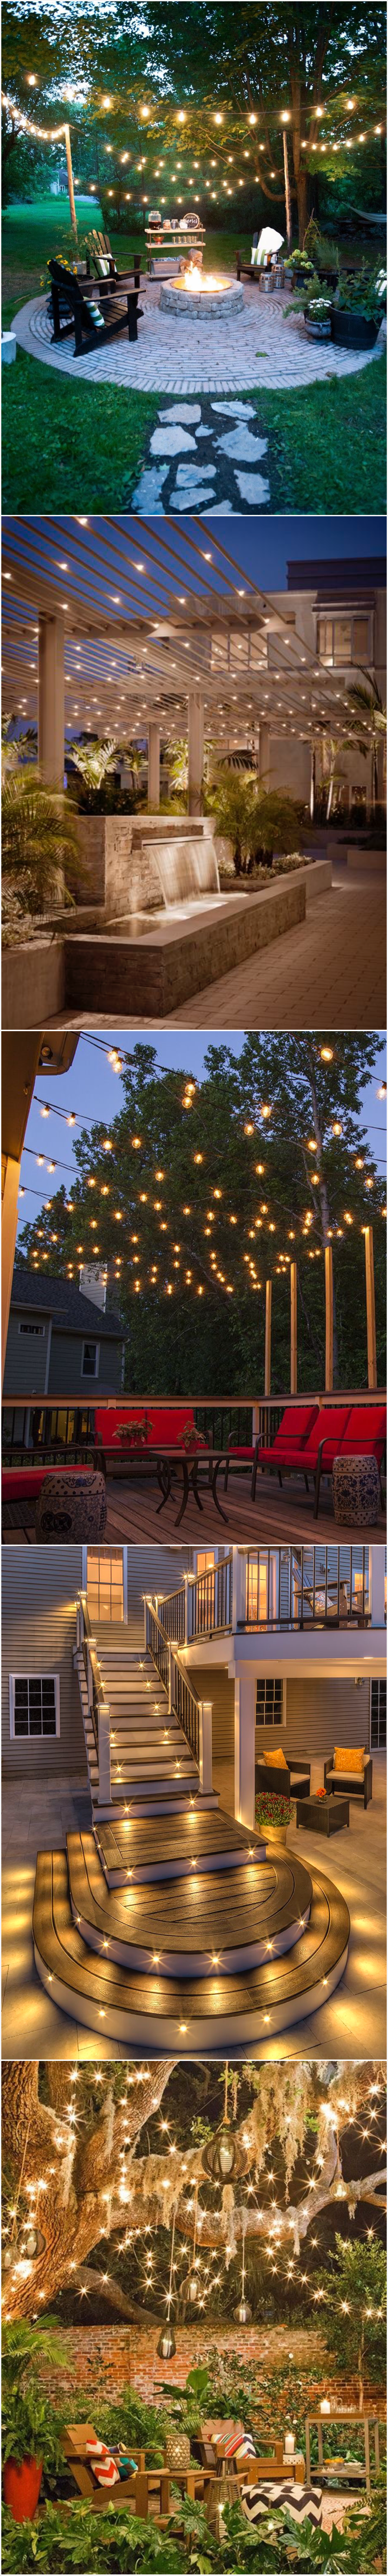 Atmospharische Beleuchtung Ist Unverzichtbar Fur Einen Garten In